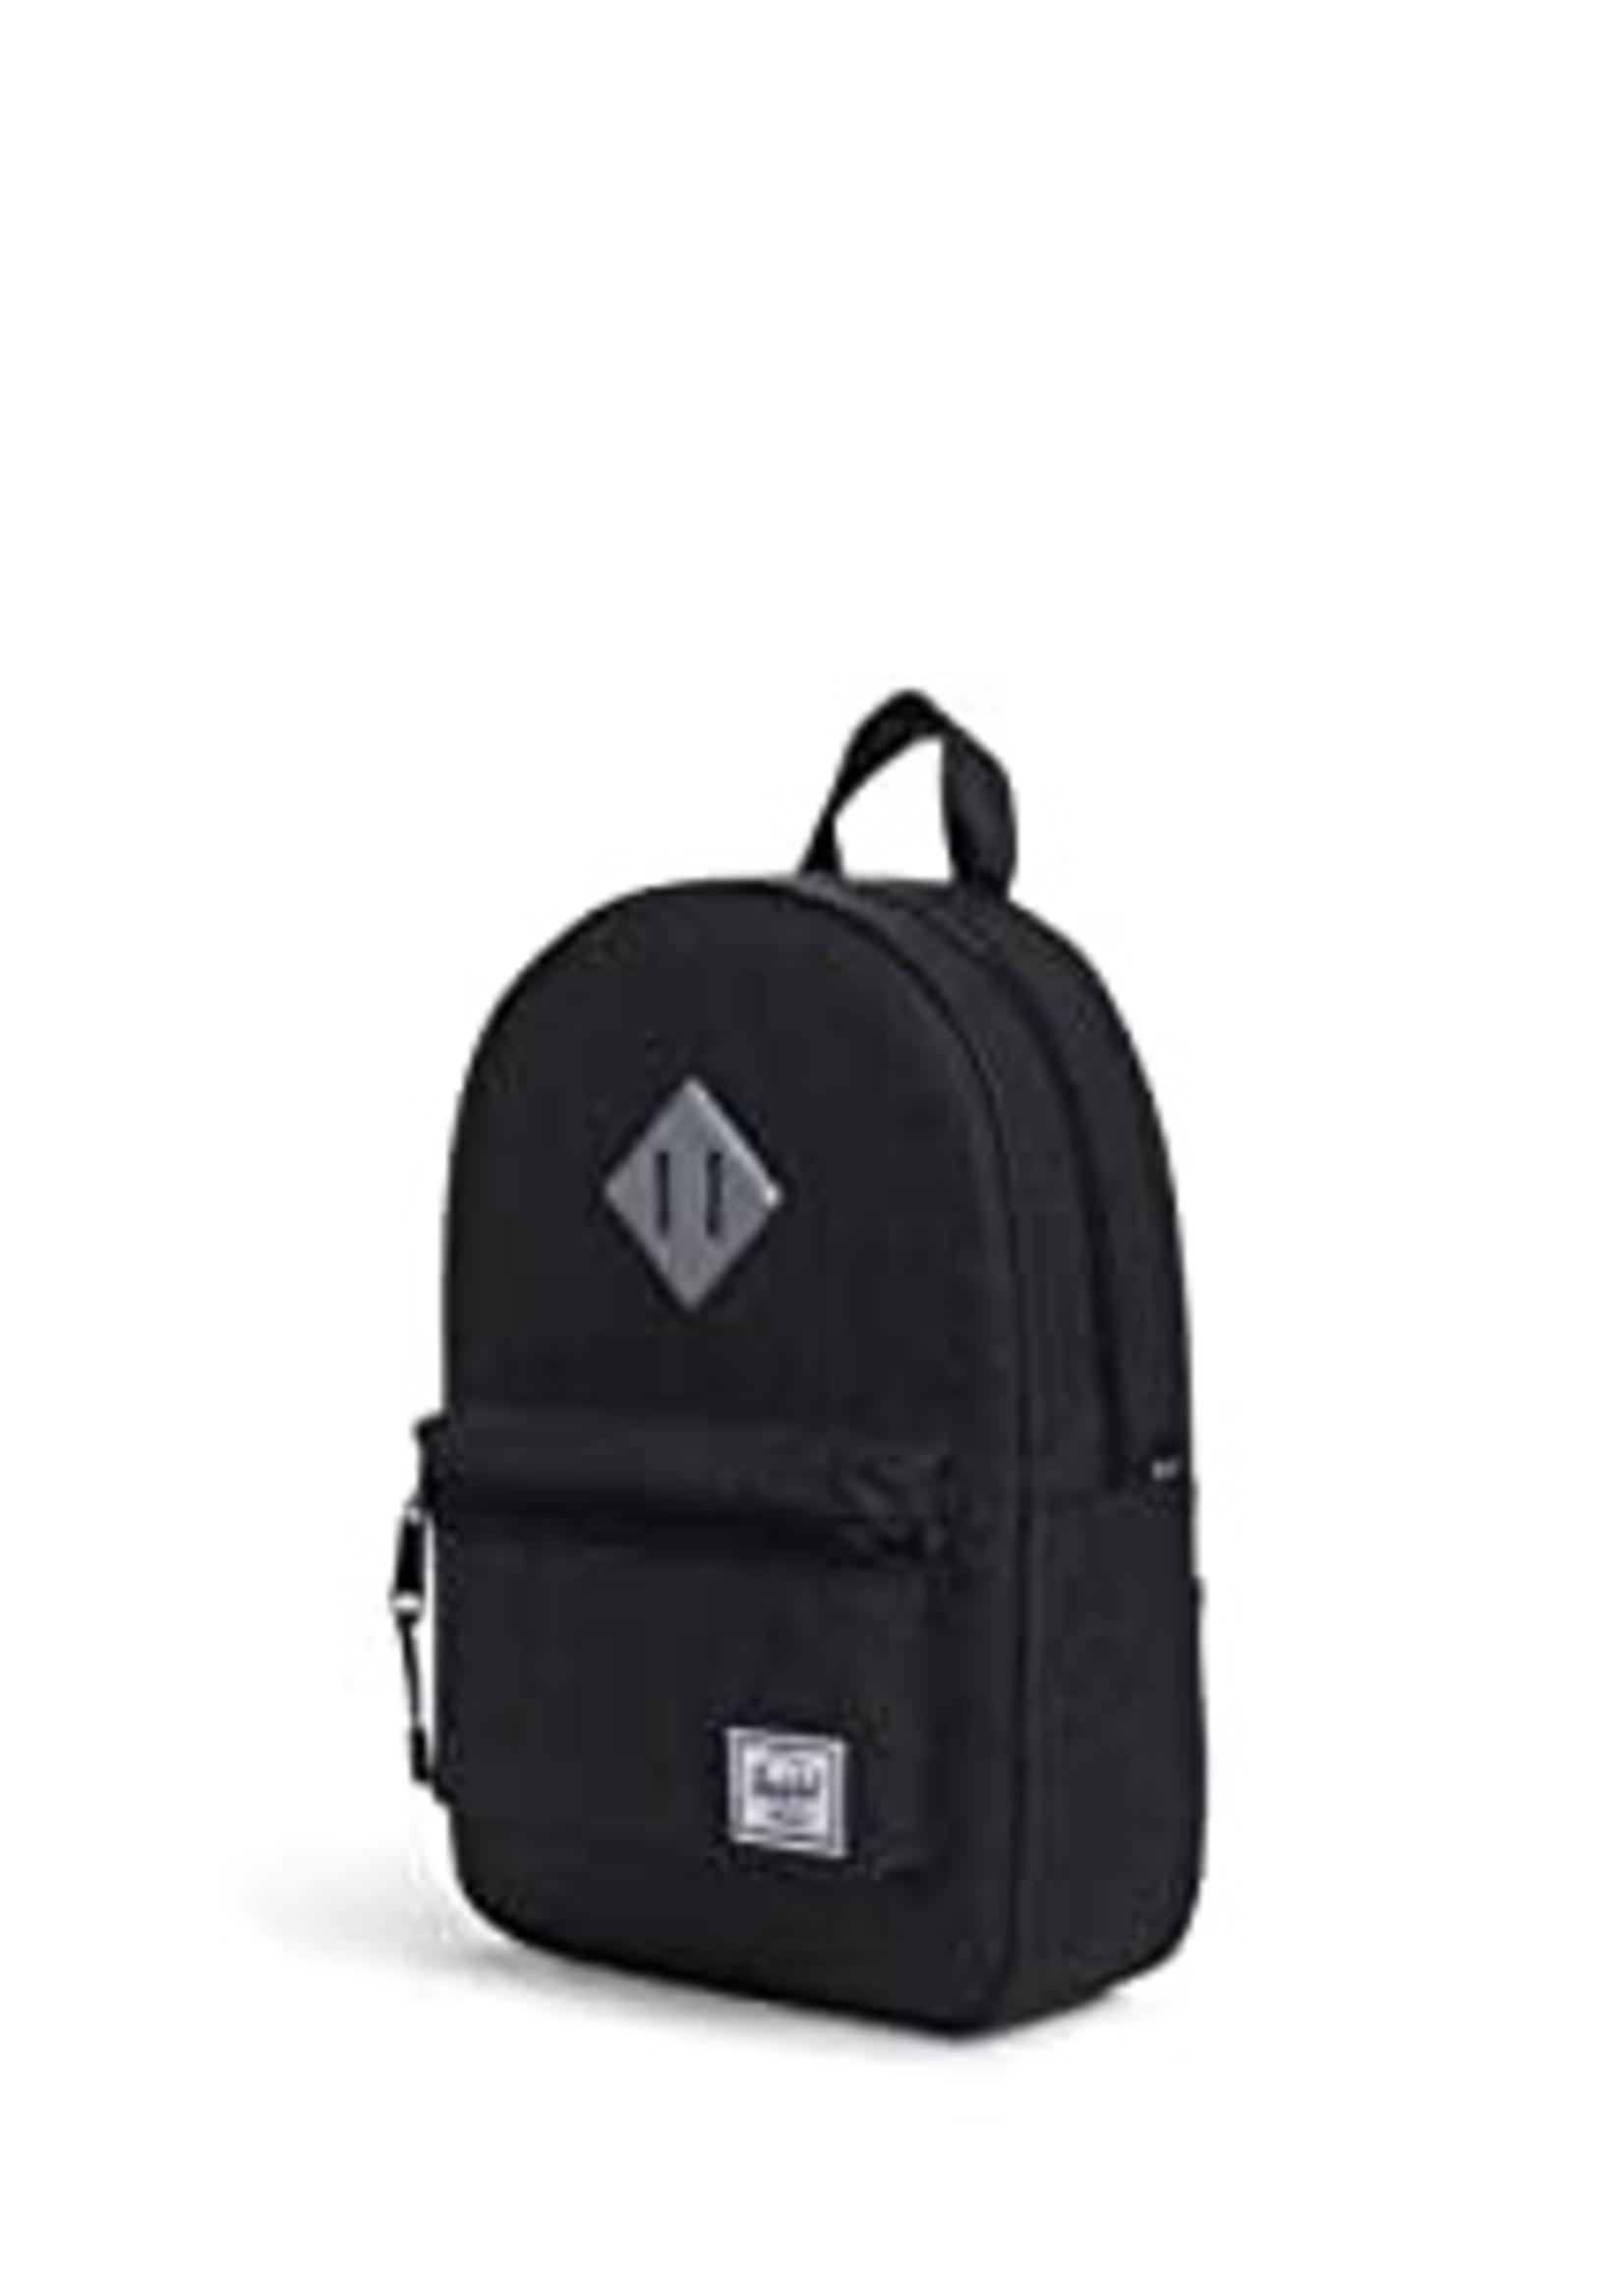 Herschel Supply Herschel Heritage Kids backpack Black RBBR